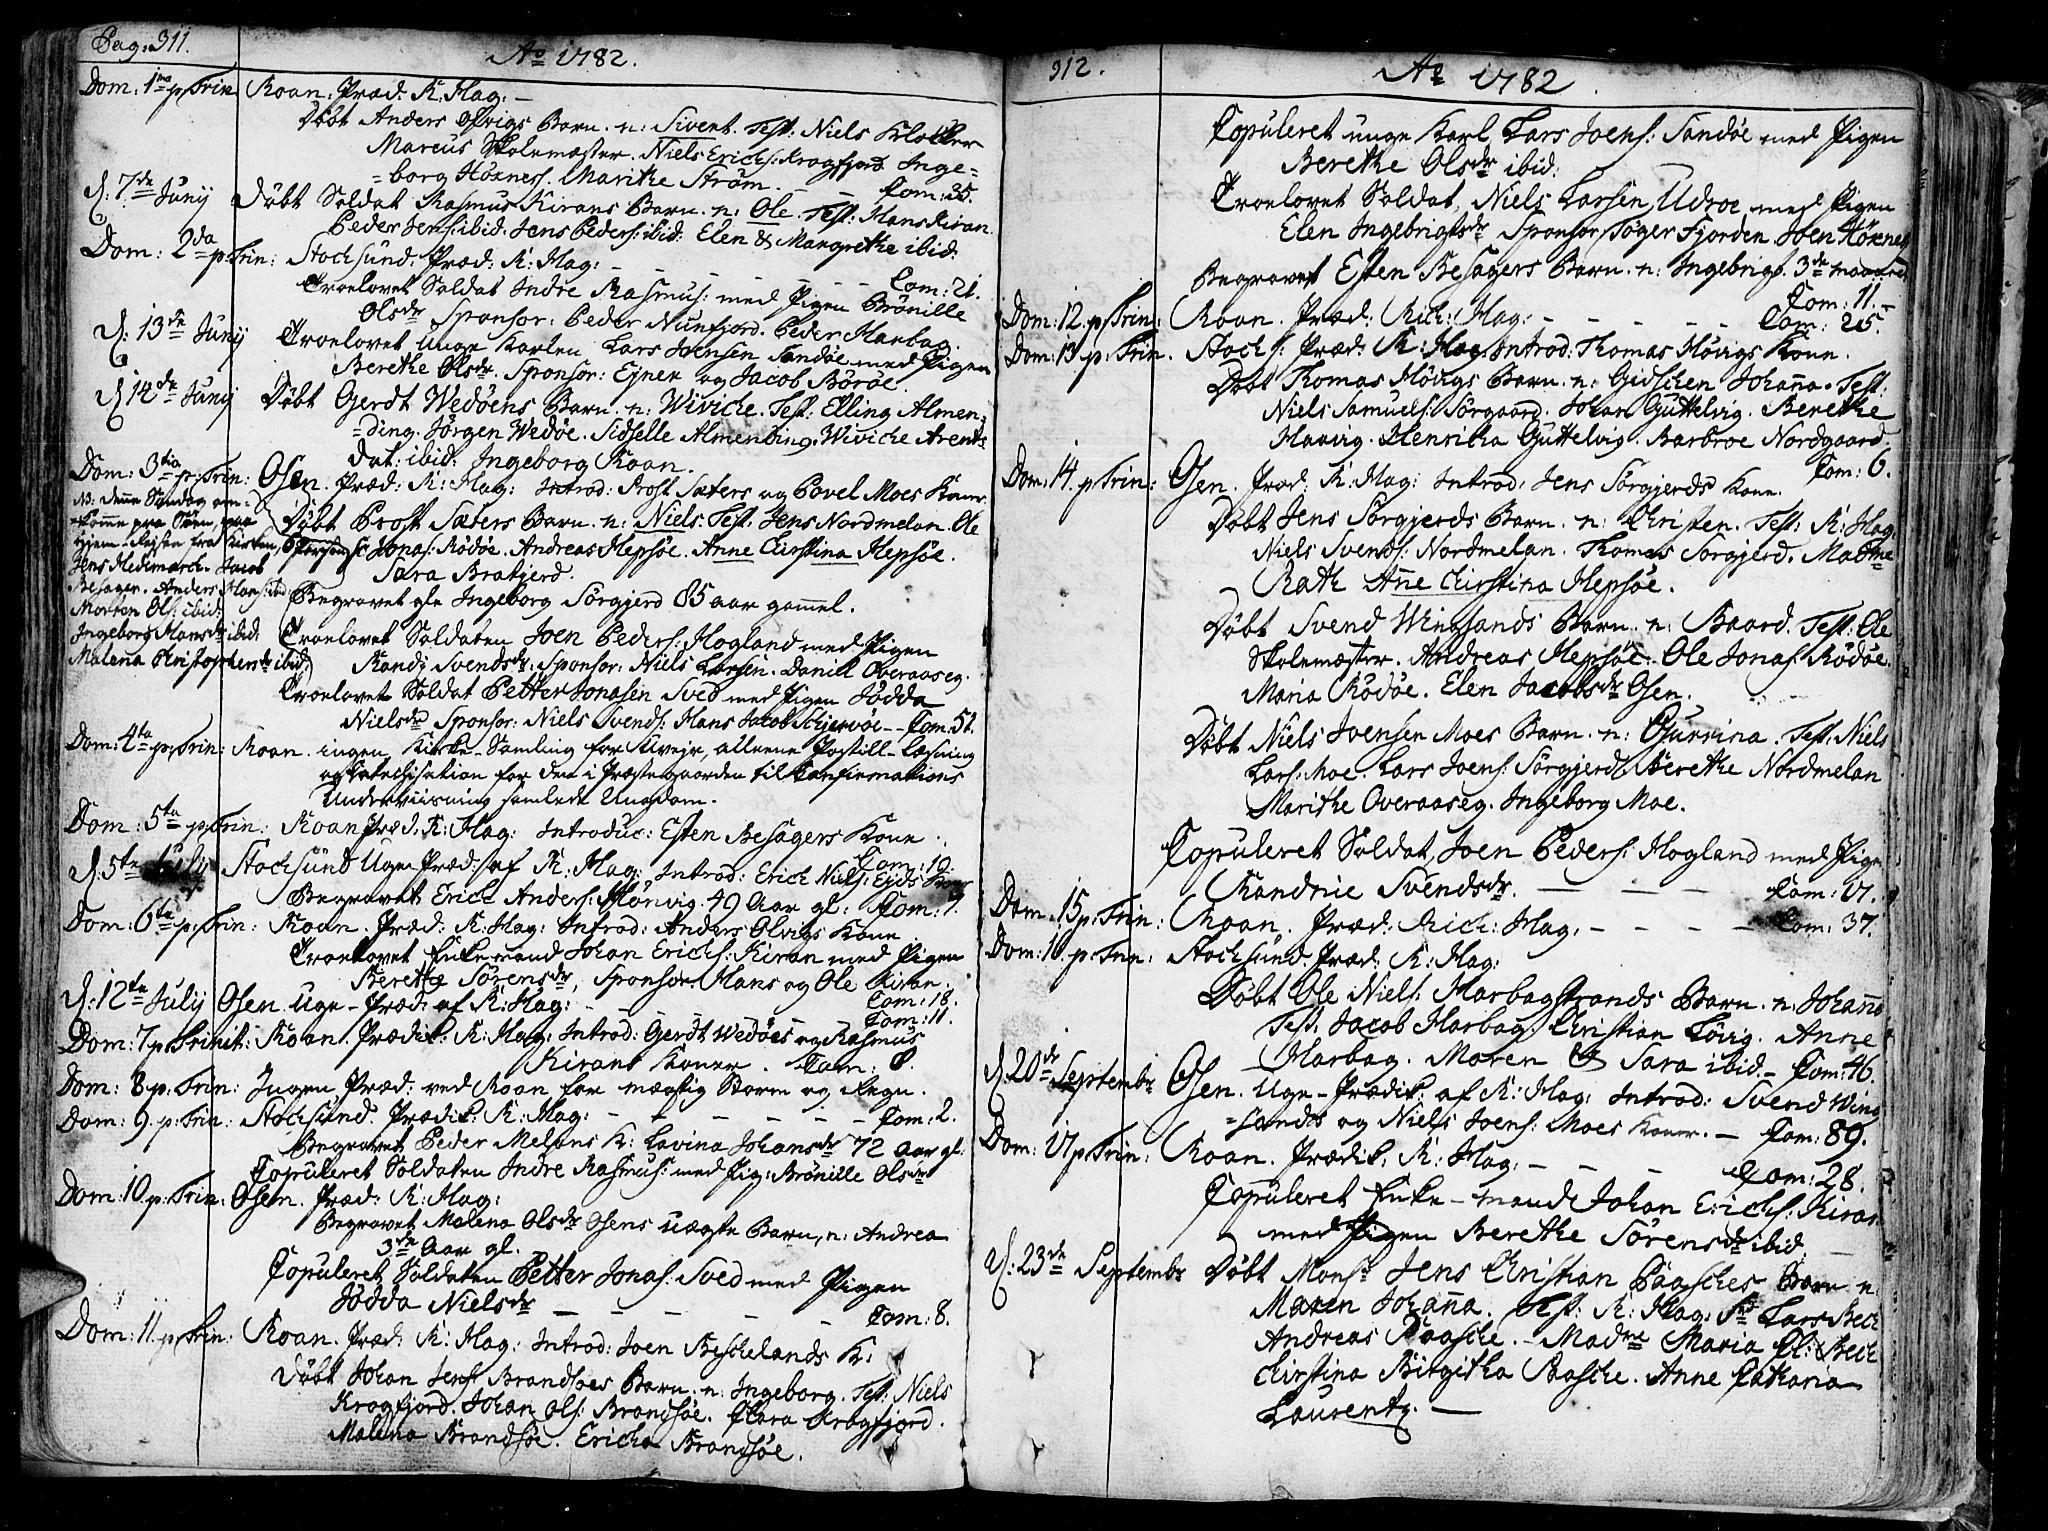 SAT, Ministerialprotokoller, klokkerbøker og fødselsregistre - Sør-Trøndelag, 657/L0700: Ministerialbok nr. 657A01, 1732-1801, s. 311-312